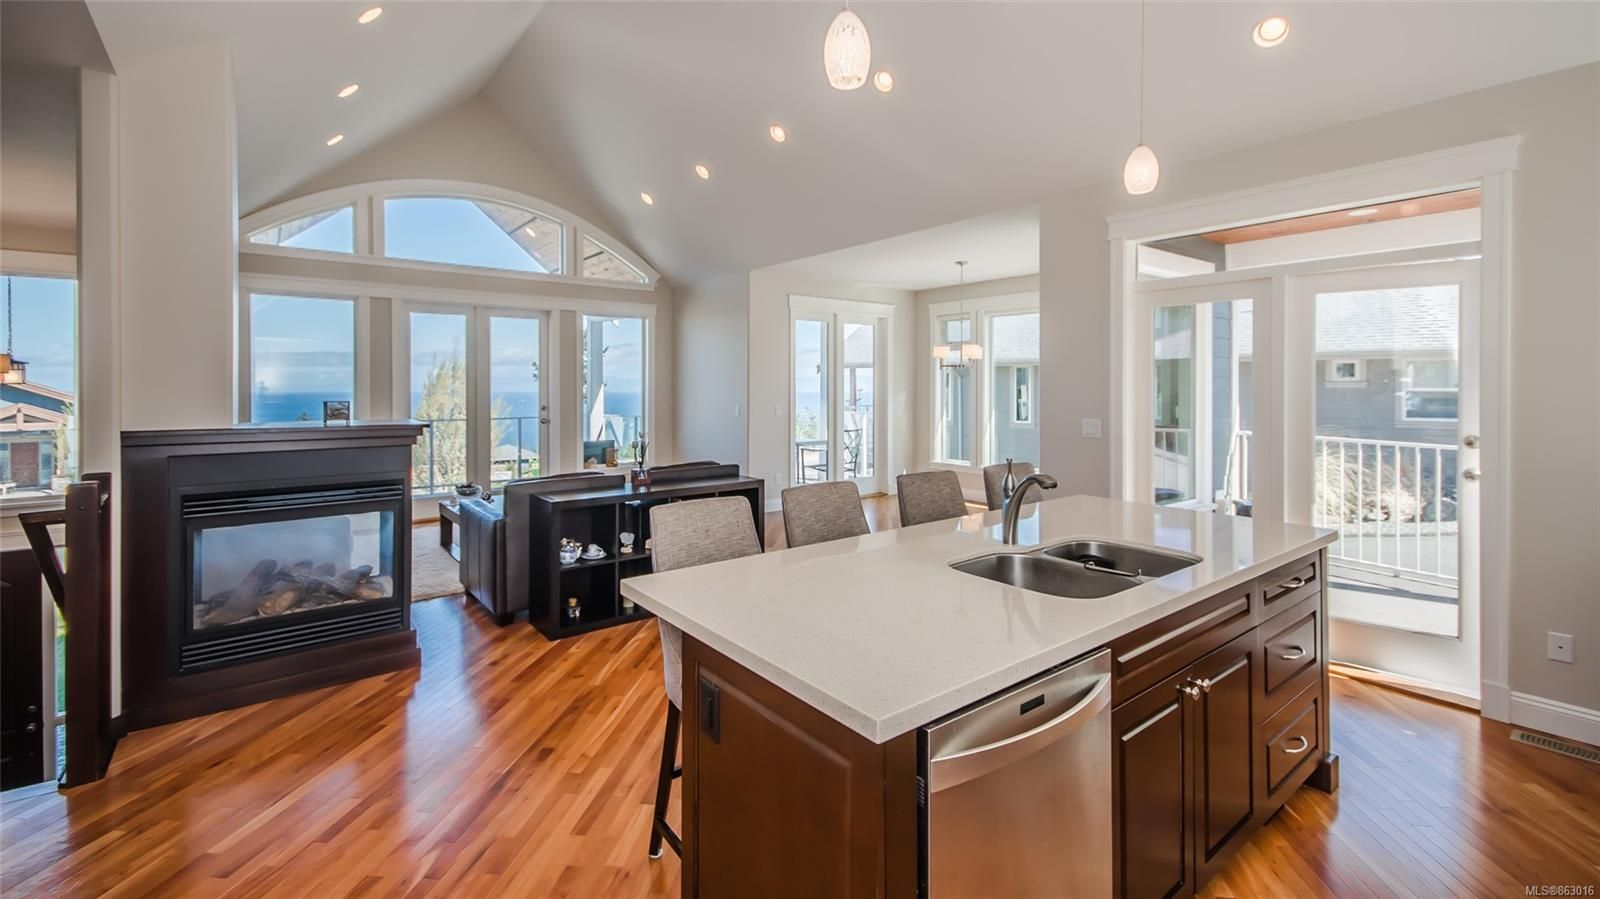 Photo 12: Photos: 5361 Laguna Way in : Na North Nanaimo House for sale (Nanaimo)  : MLS®# 863016